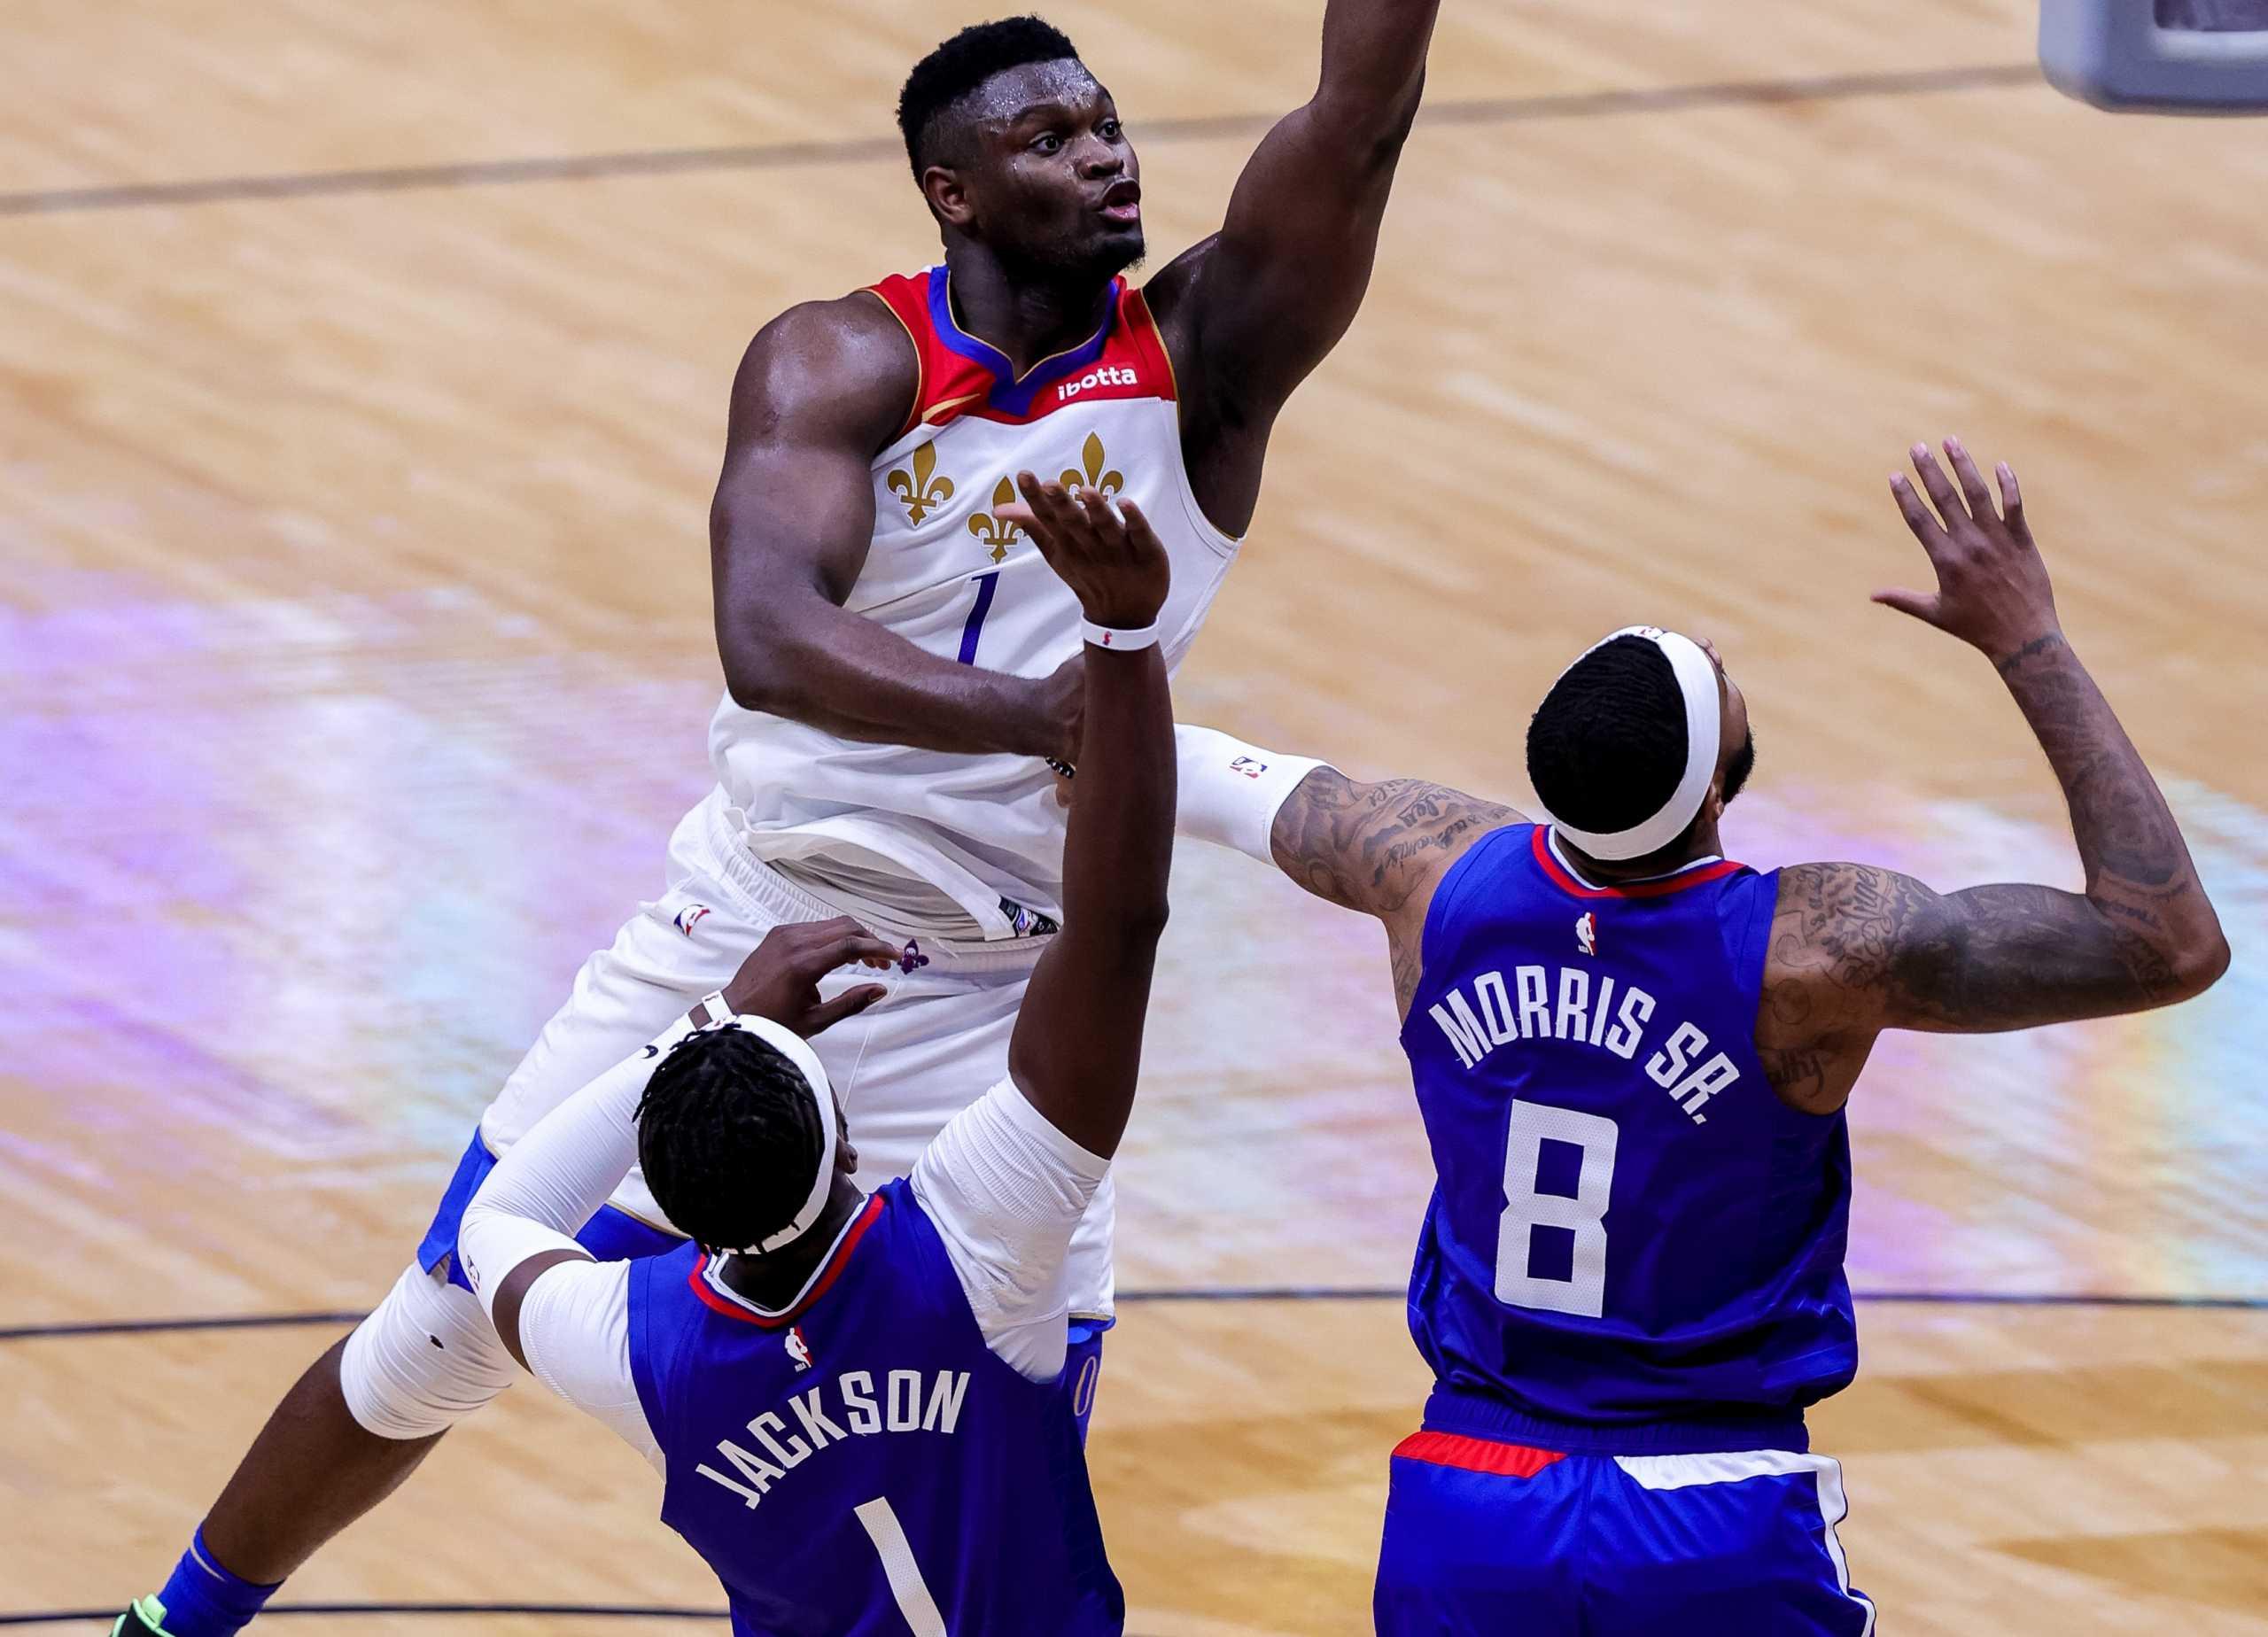 Ο Ζάιον «διέλυσε» του Κλίπερς – Τα αποτελέσματα στο NBA (video)